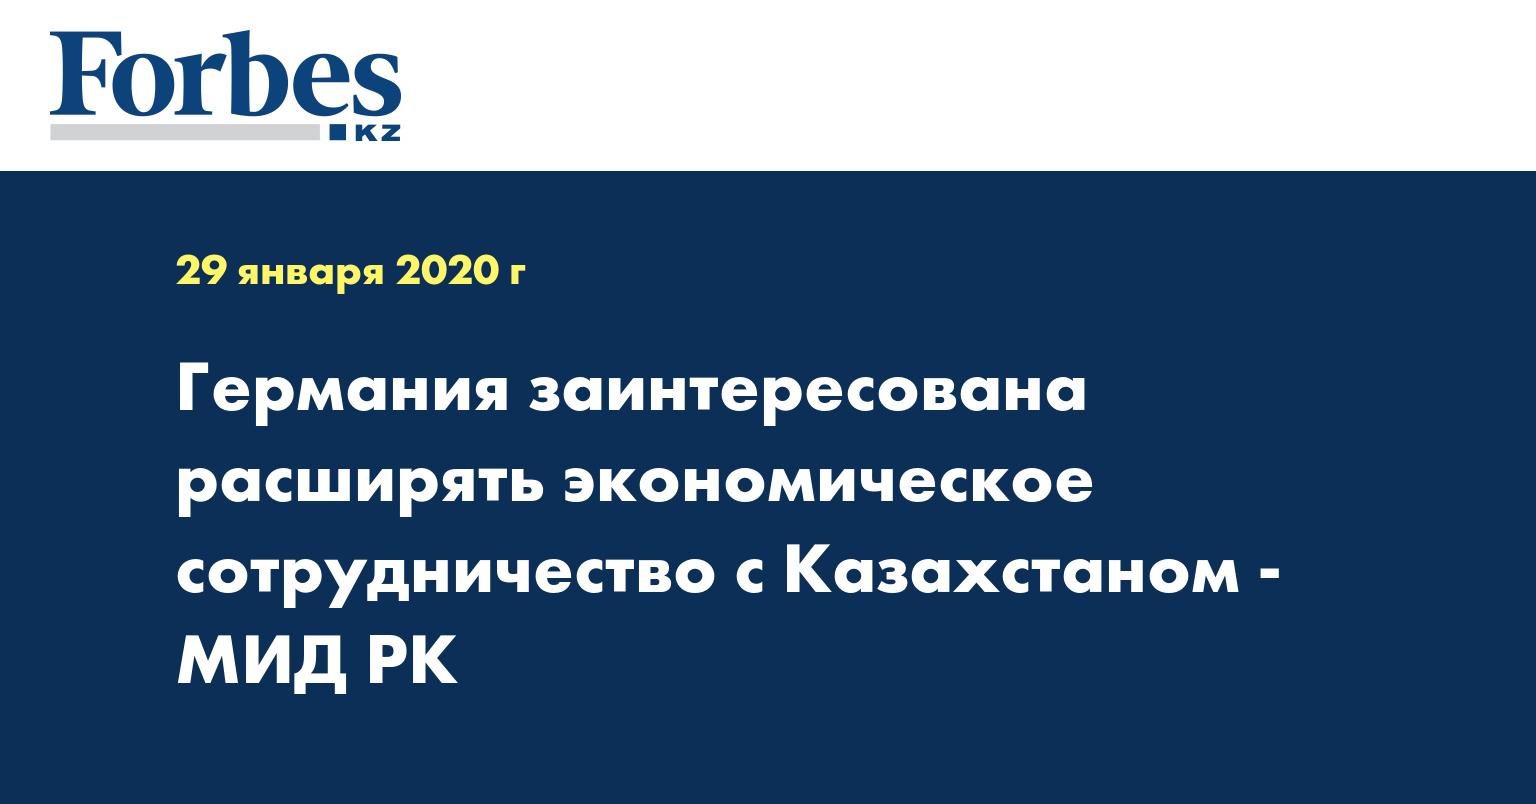 Германия заинтересована расширять экономическое сотрудничество с Казахстаном - МИД РК